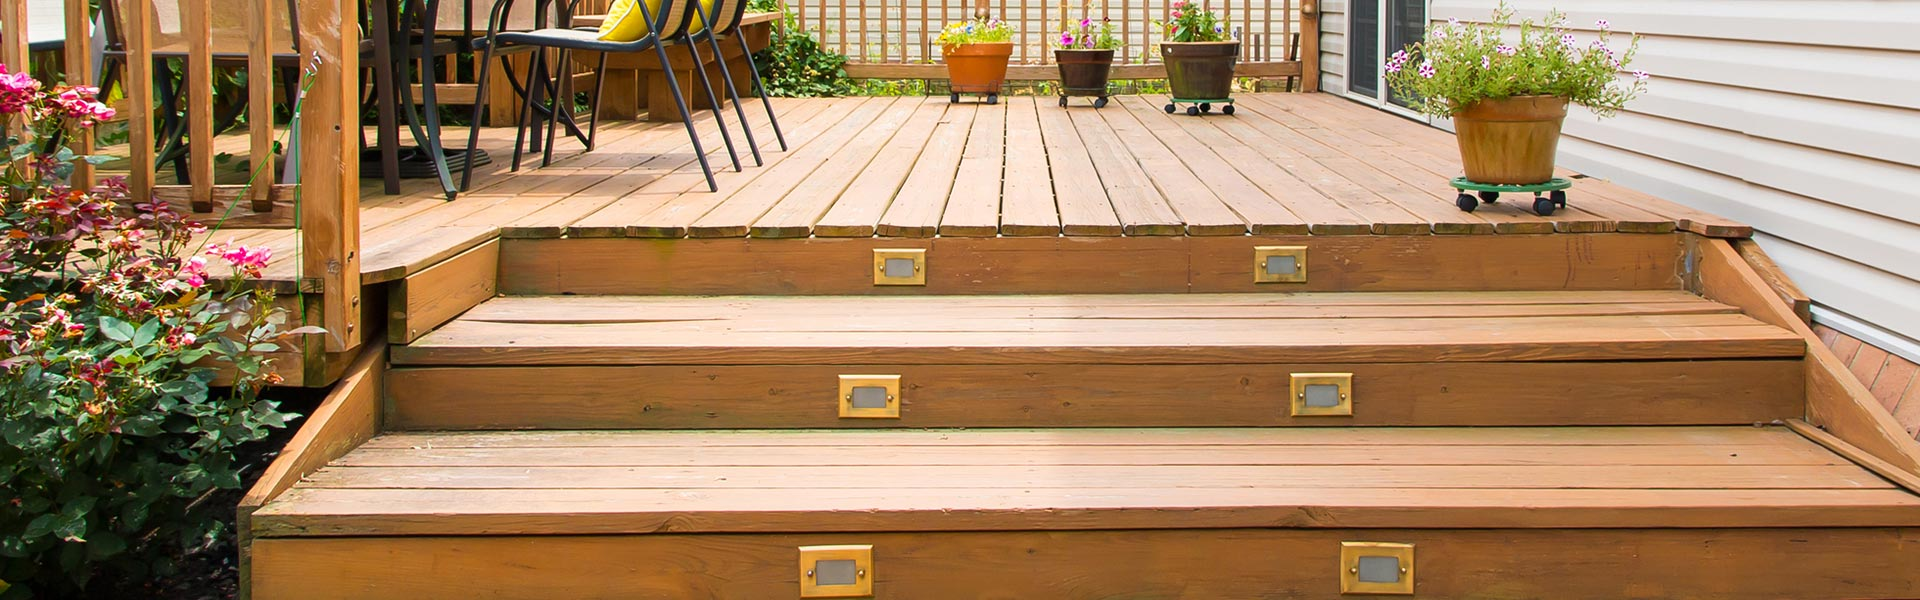 panther timber hardware wooden decking